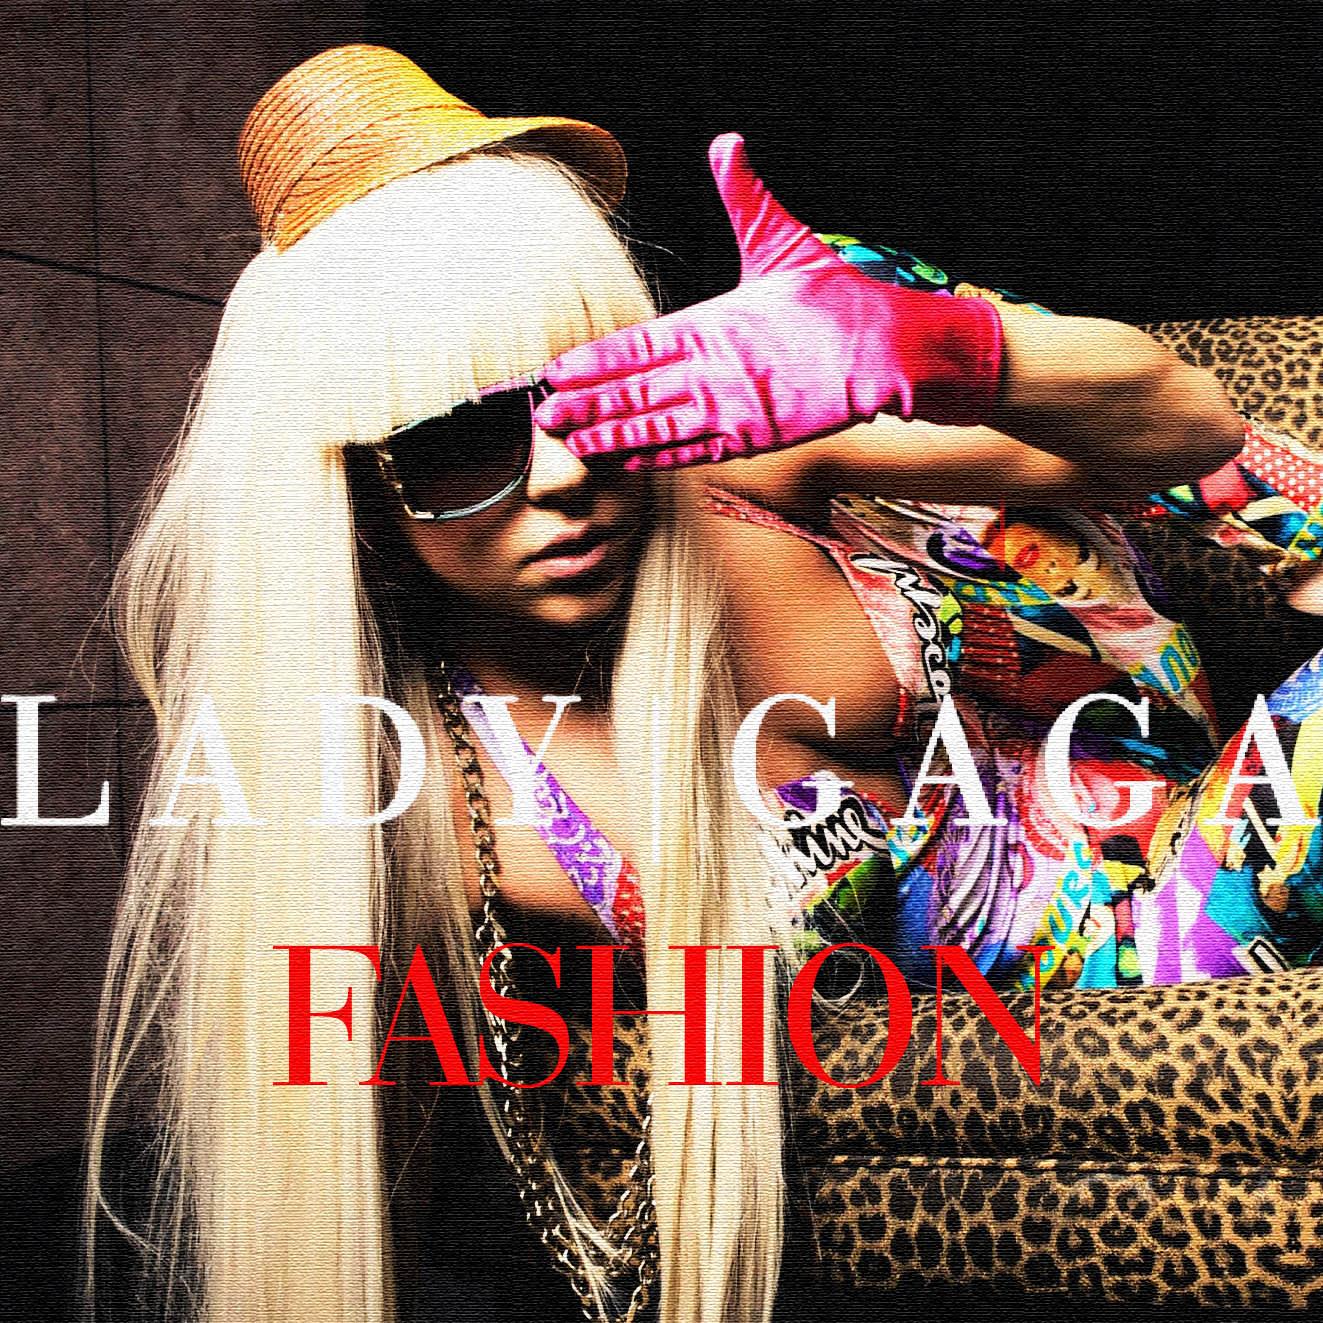 http://4.bp.blogspot.com/--AMWKYLtmq8/ThdC2229kUI/AAAAAAAAADA/8zm2yQyeF6k/s1600/lady_gaga.jpg